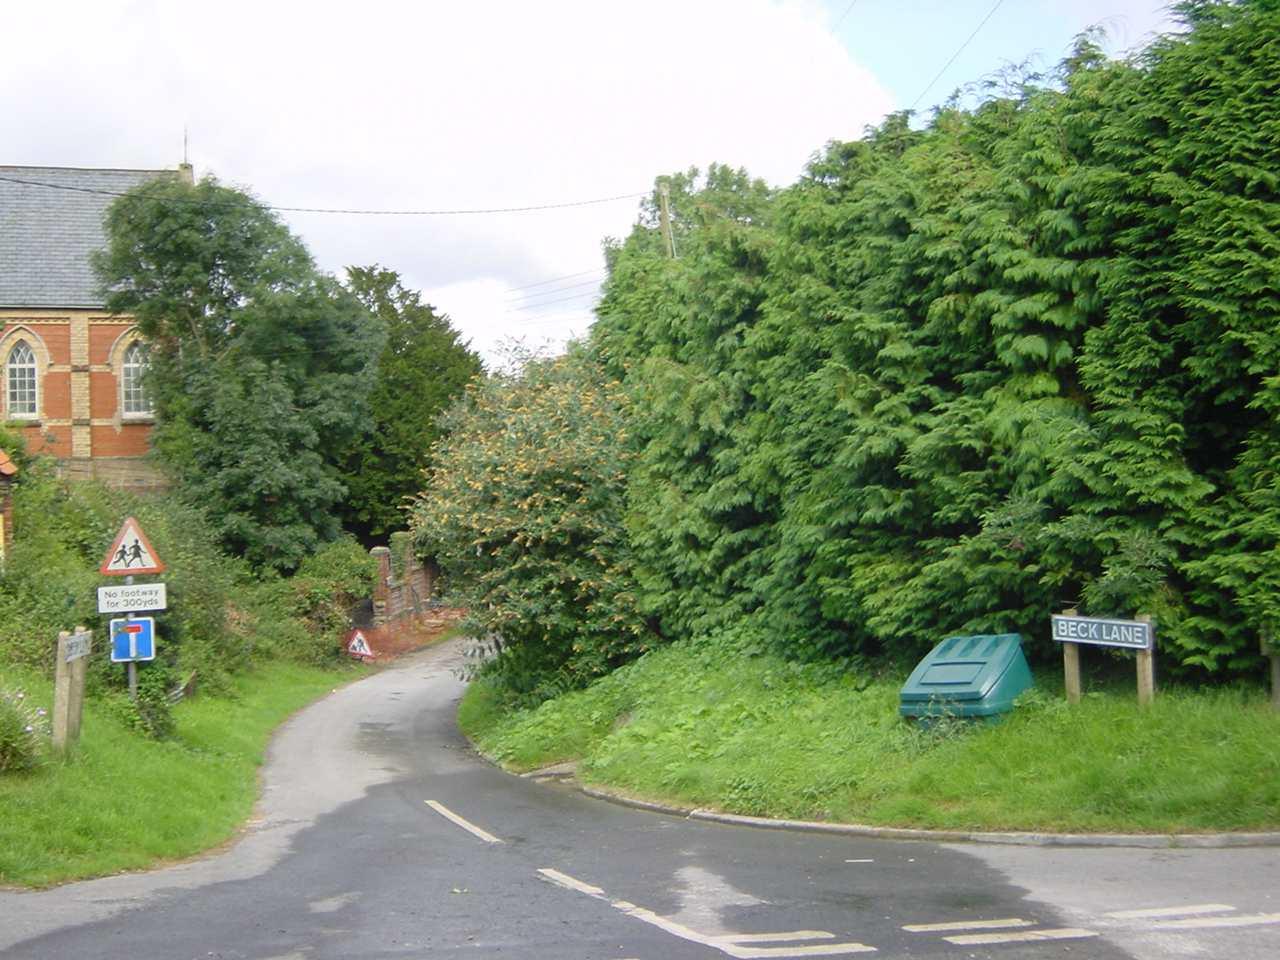 Beck Lane corner B